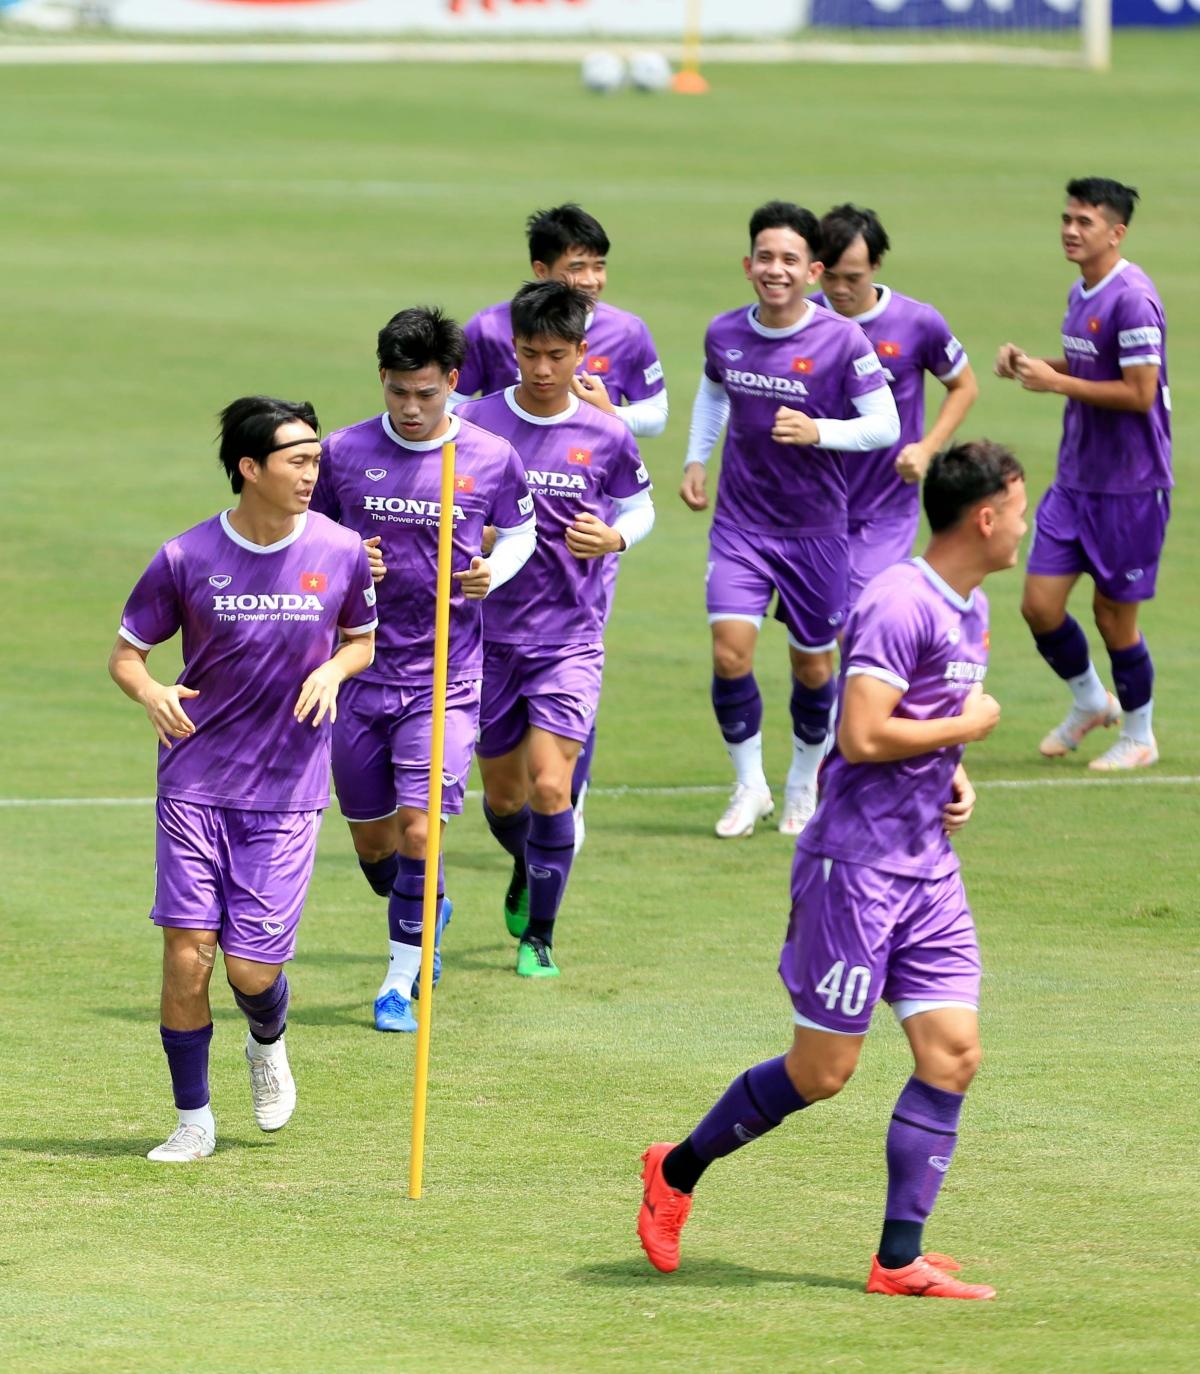 """""""Món chính"""" trong buổi tập hôm nay của ĐT Việt Nam là những bài tập chạy bền quanh sân kết hợp với vừa chạy vừa dẫn bóng."""